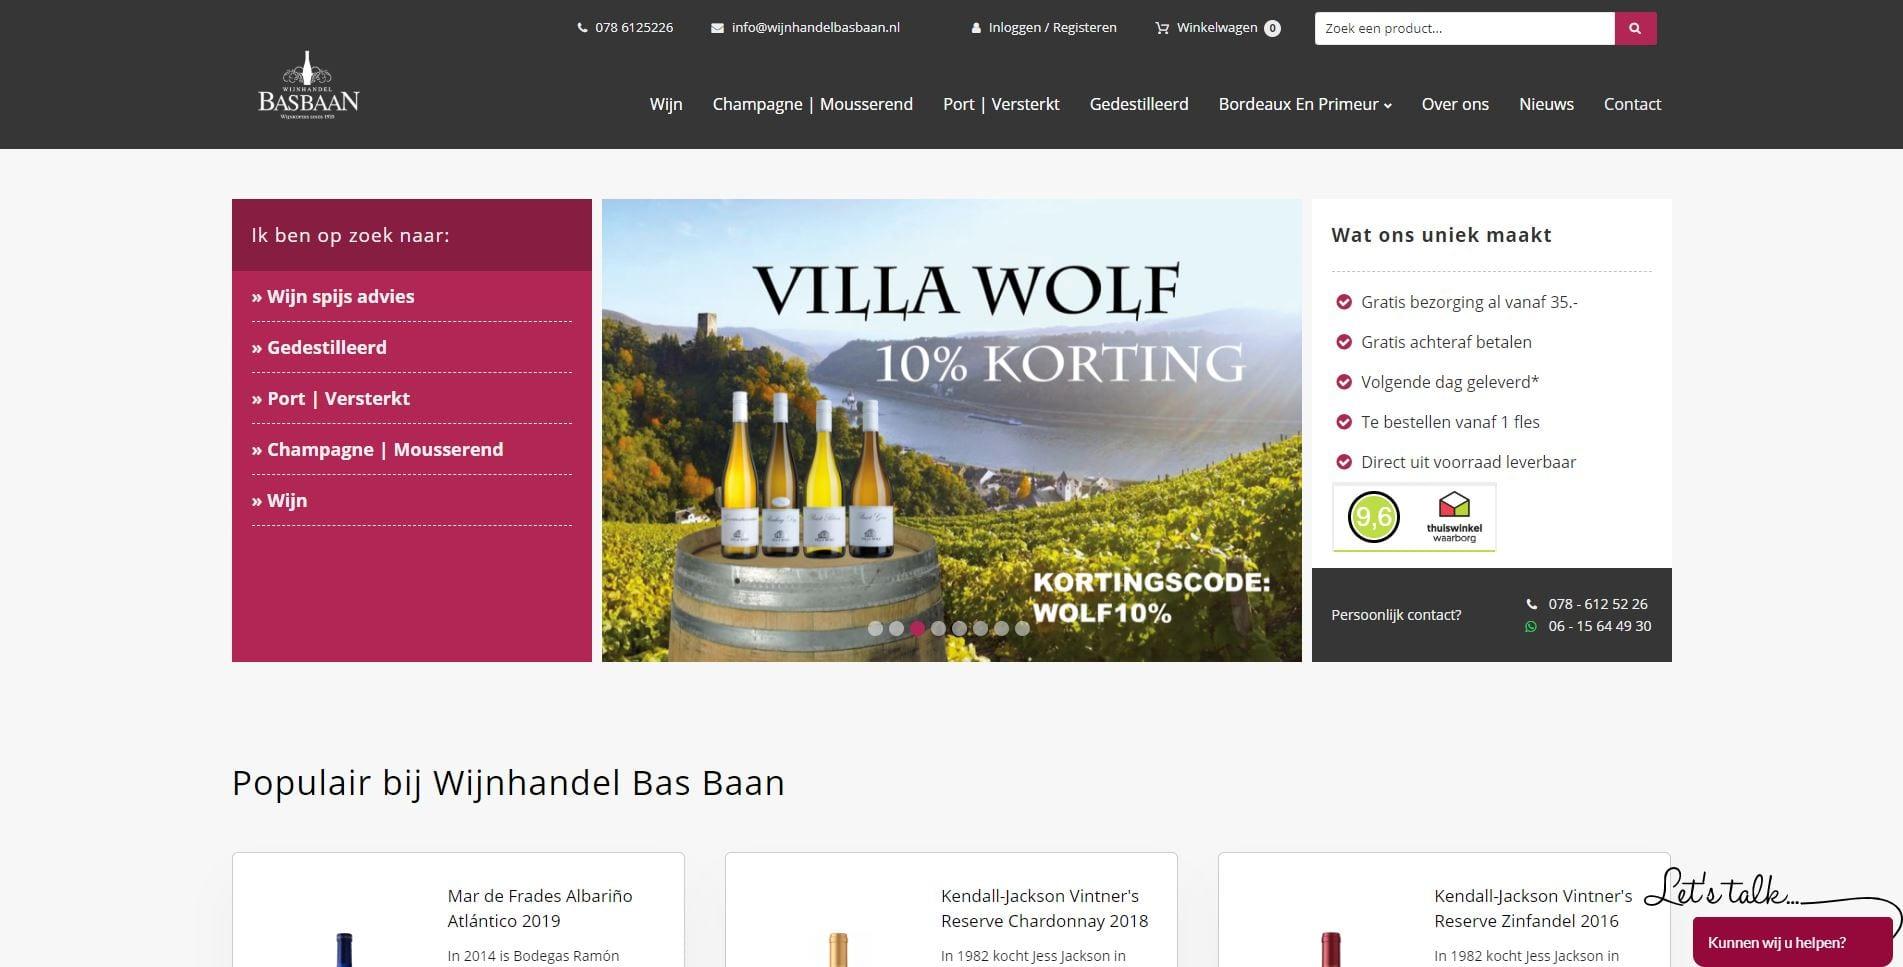 wijnhandelbasbaan